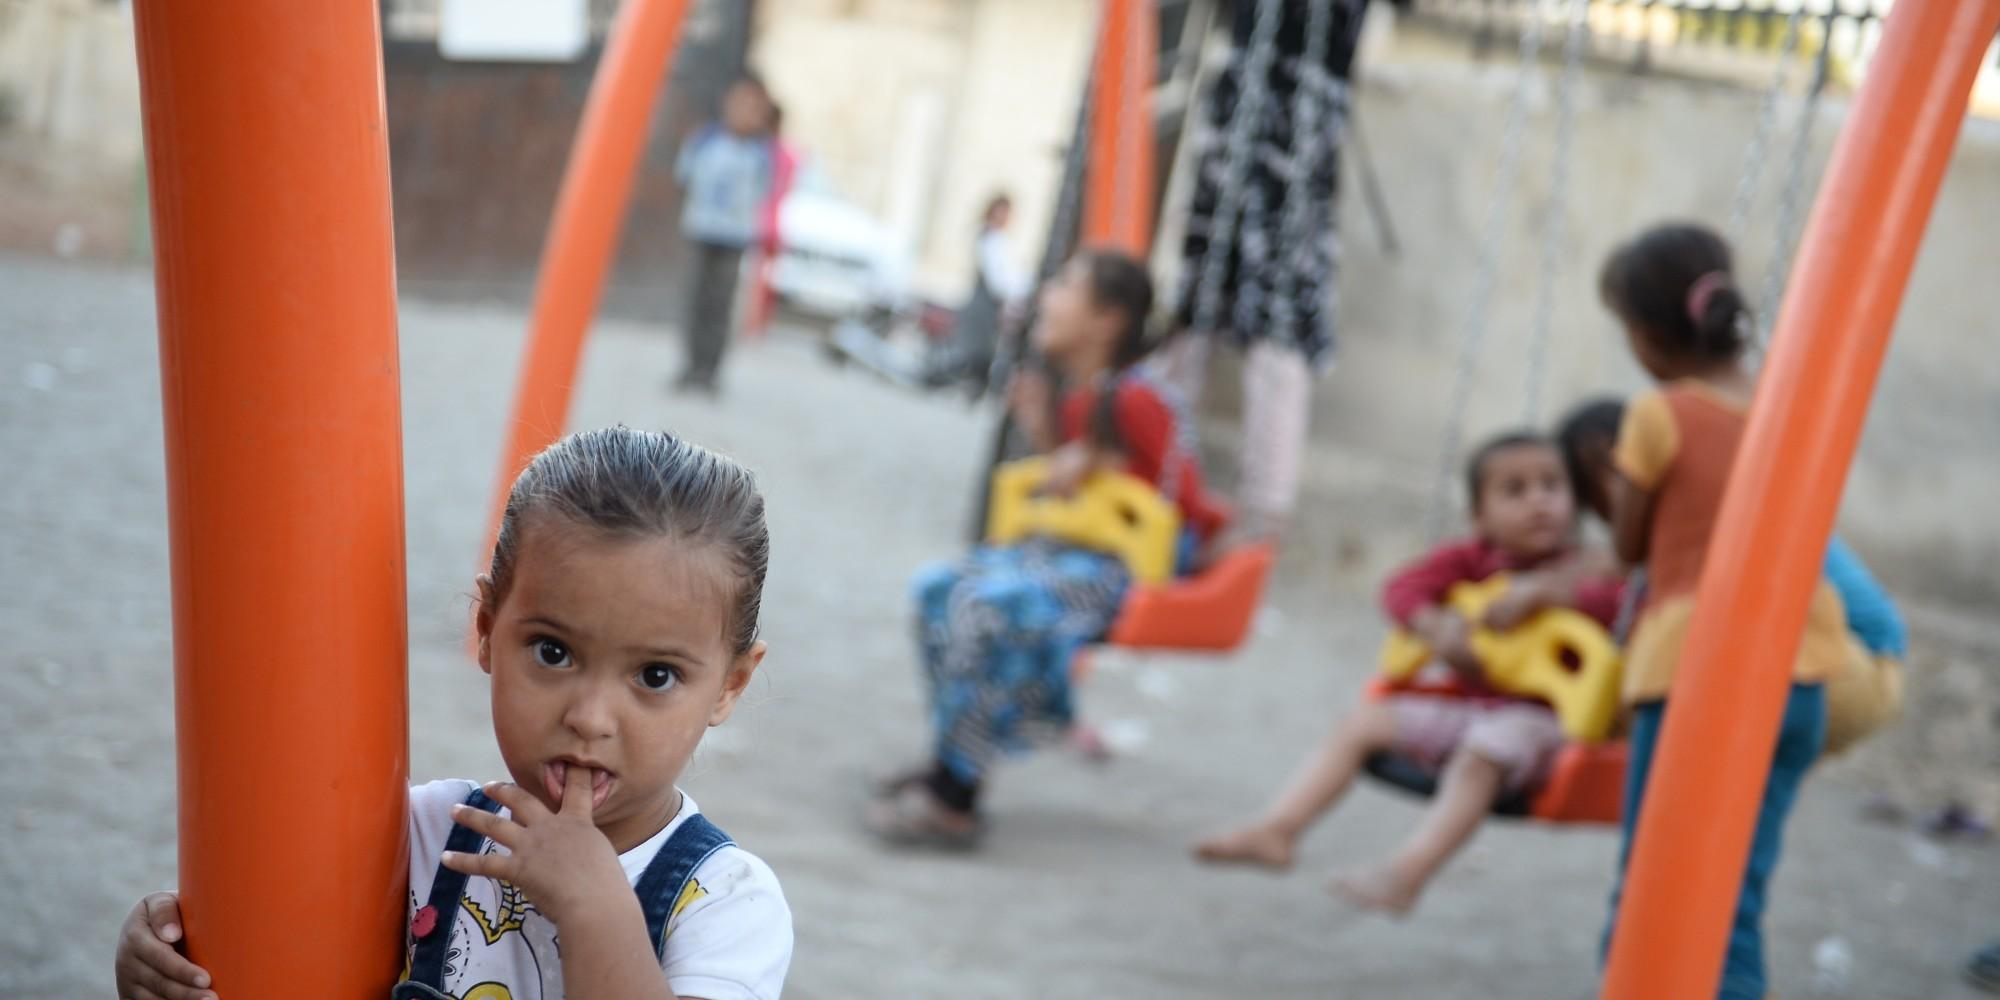 tunisie prison ferme pour les propri taires des jardins d 39 enfants anarchiques selon un projet. Black Bedroom Furniture Sets. Home Design Ideas